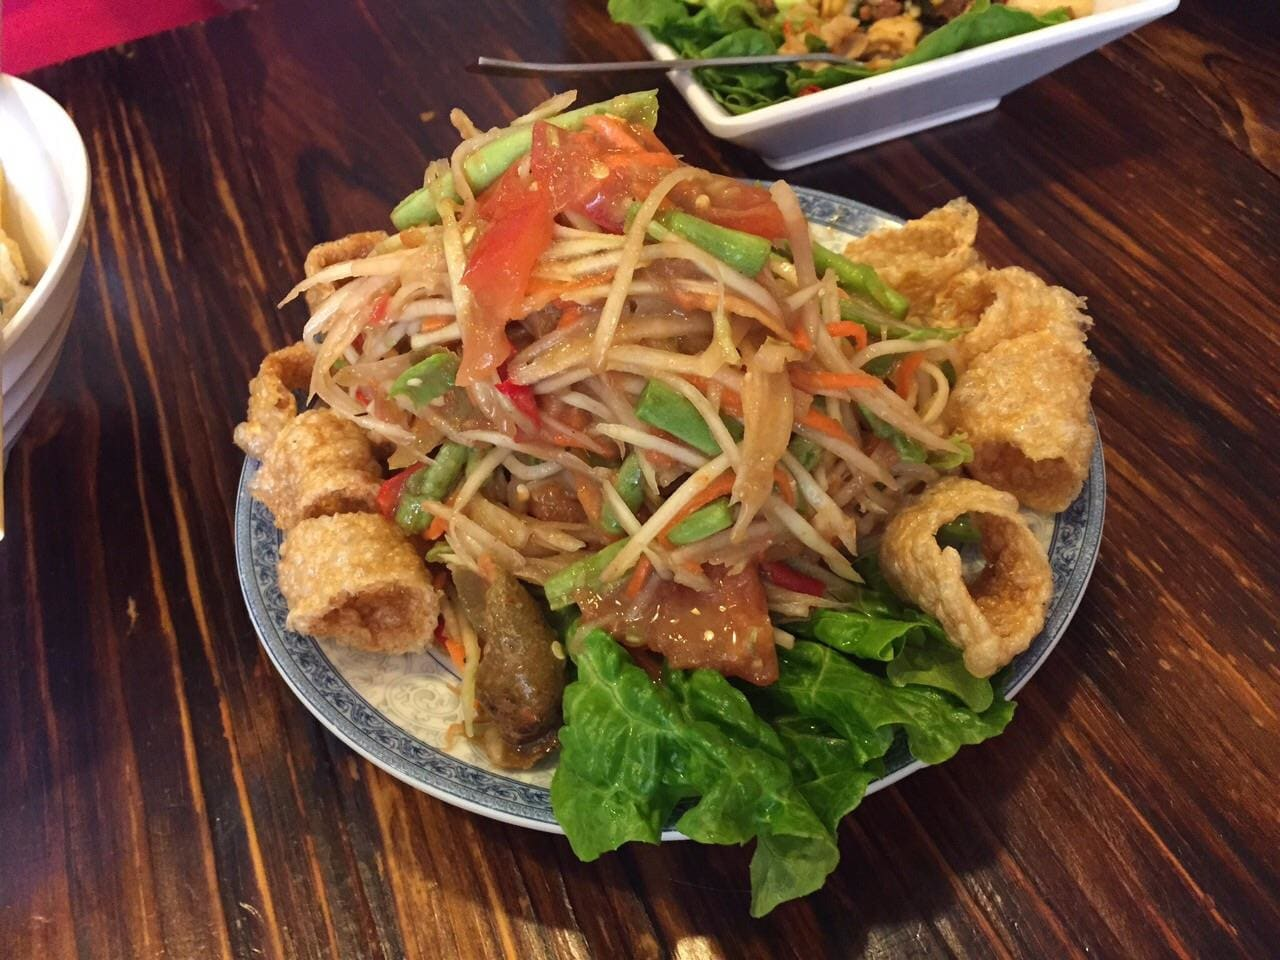 Thai Vegetarian Food HK